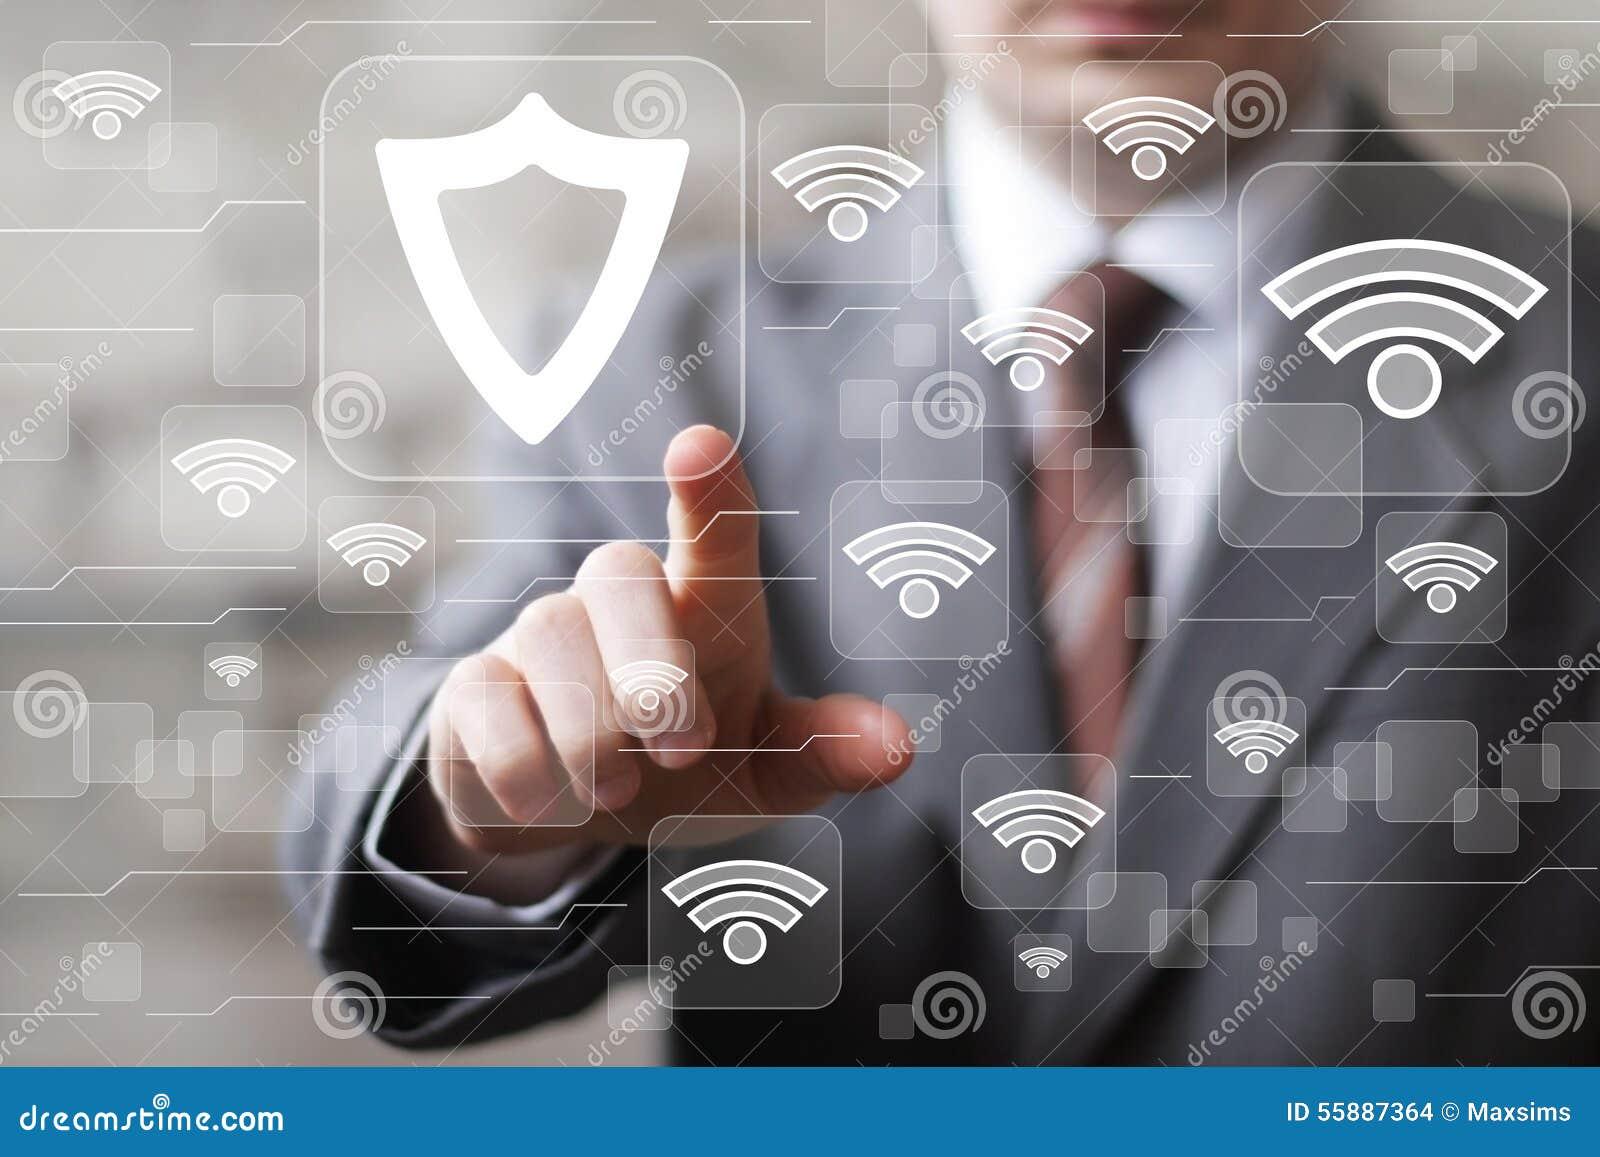 Κοινωνικό εικονίδιο ιών ασφάλειας ασπίδων επιχειρησιακών κουμπιών Wifi δικτύων